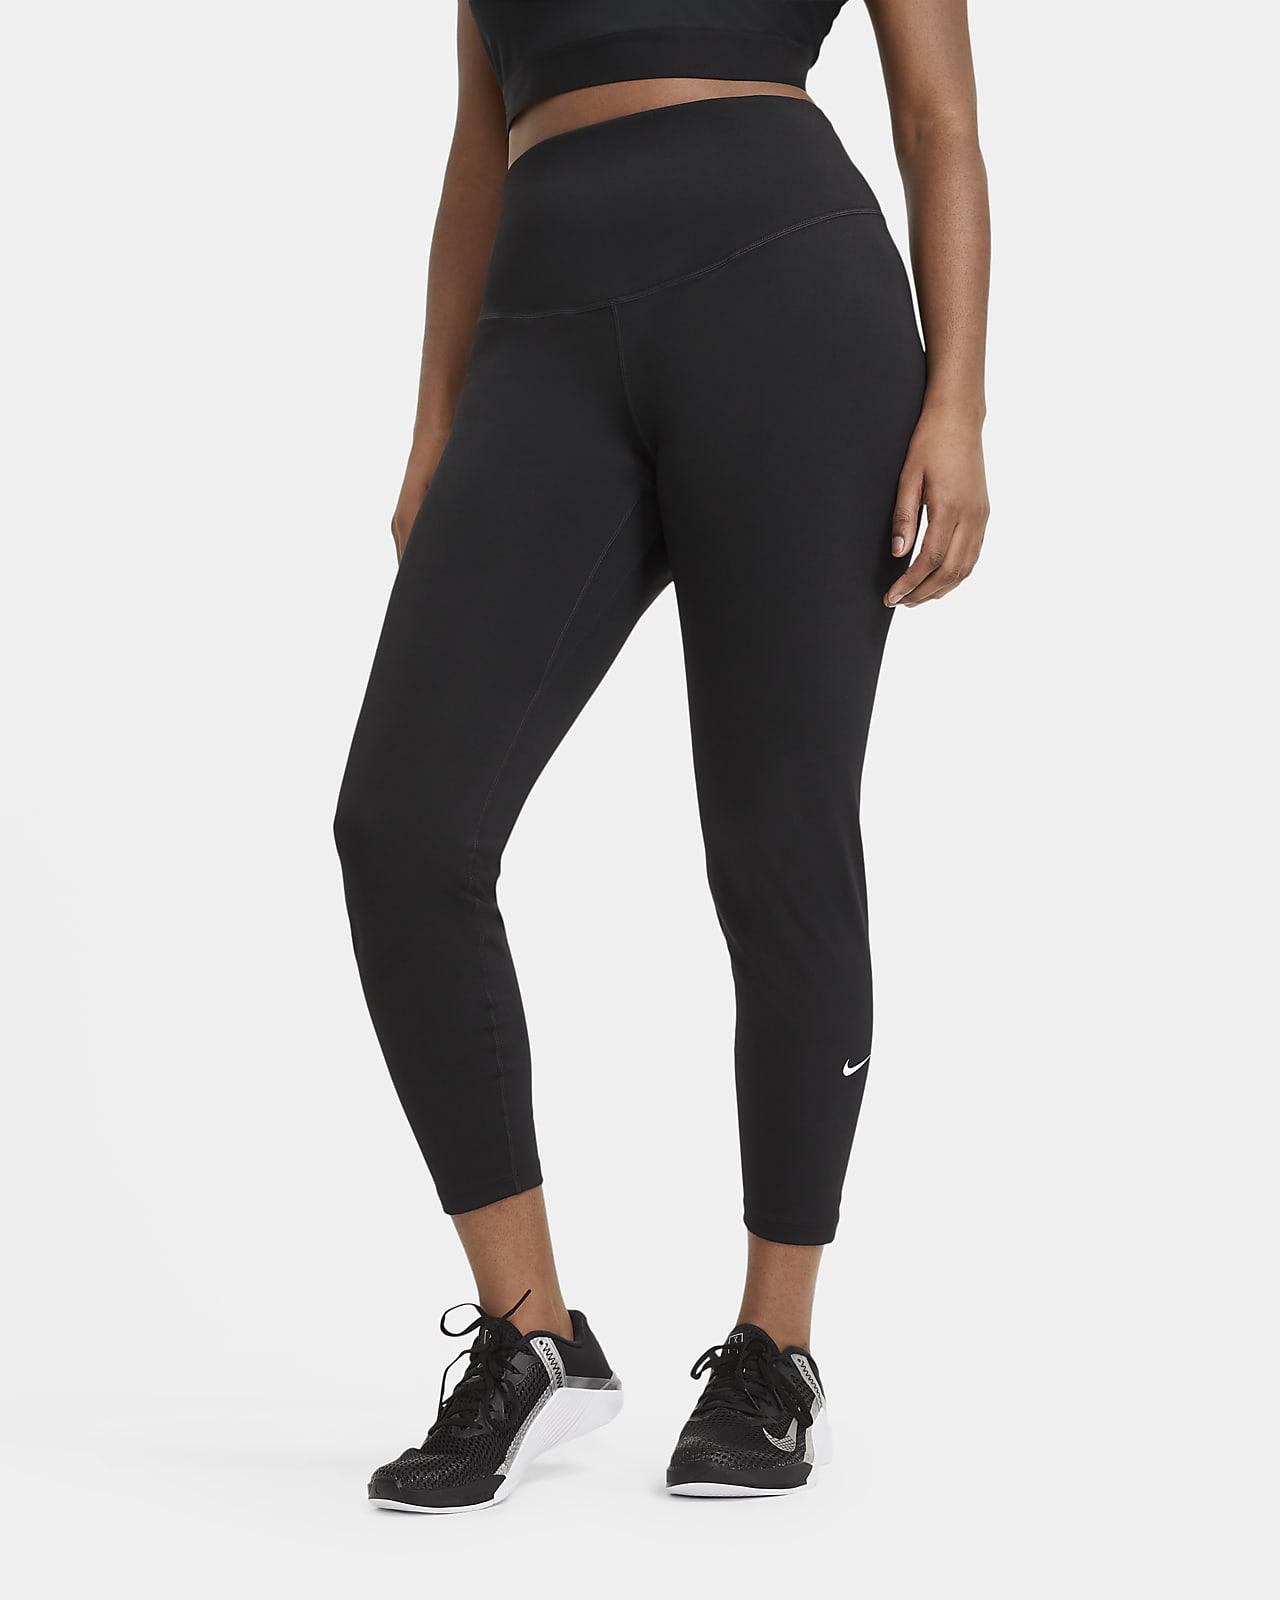 Nike One-leggings med mellemhøj talje til kvinder (plus size)